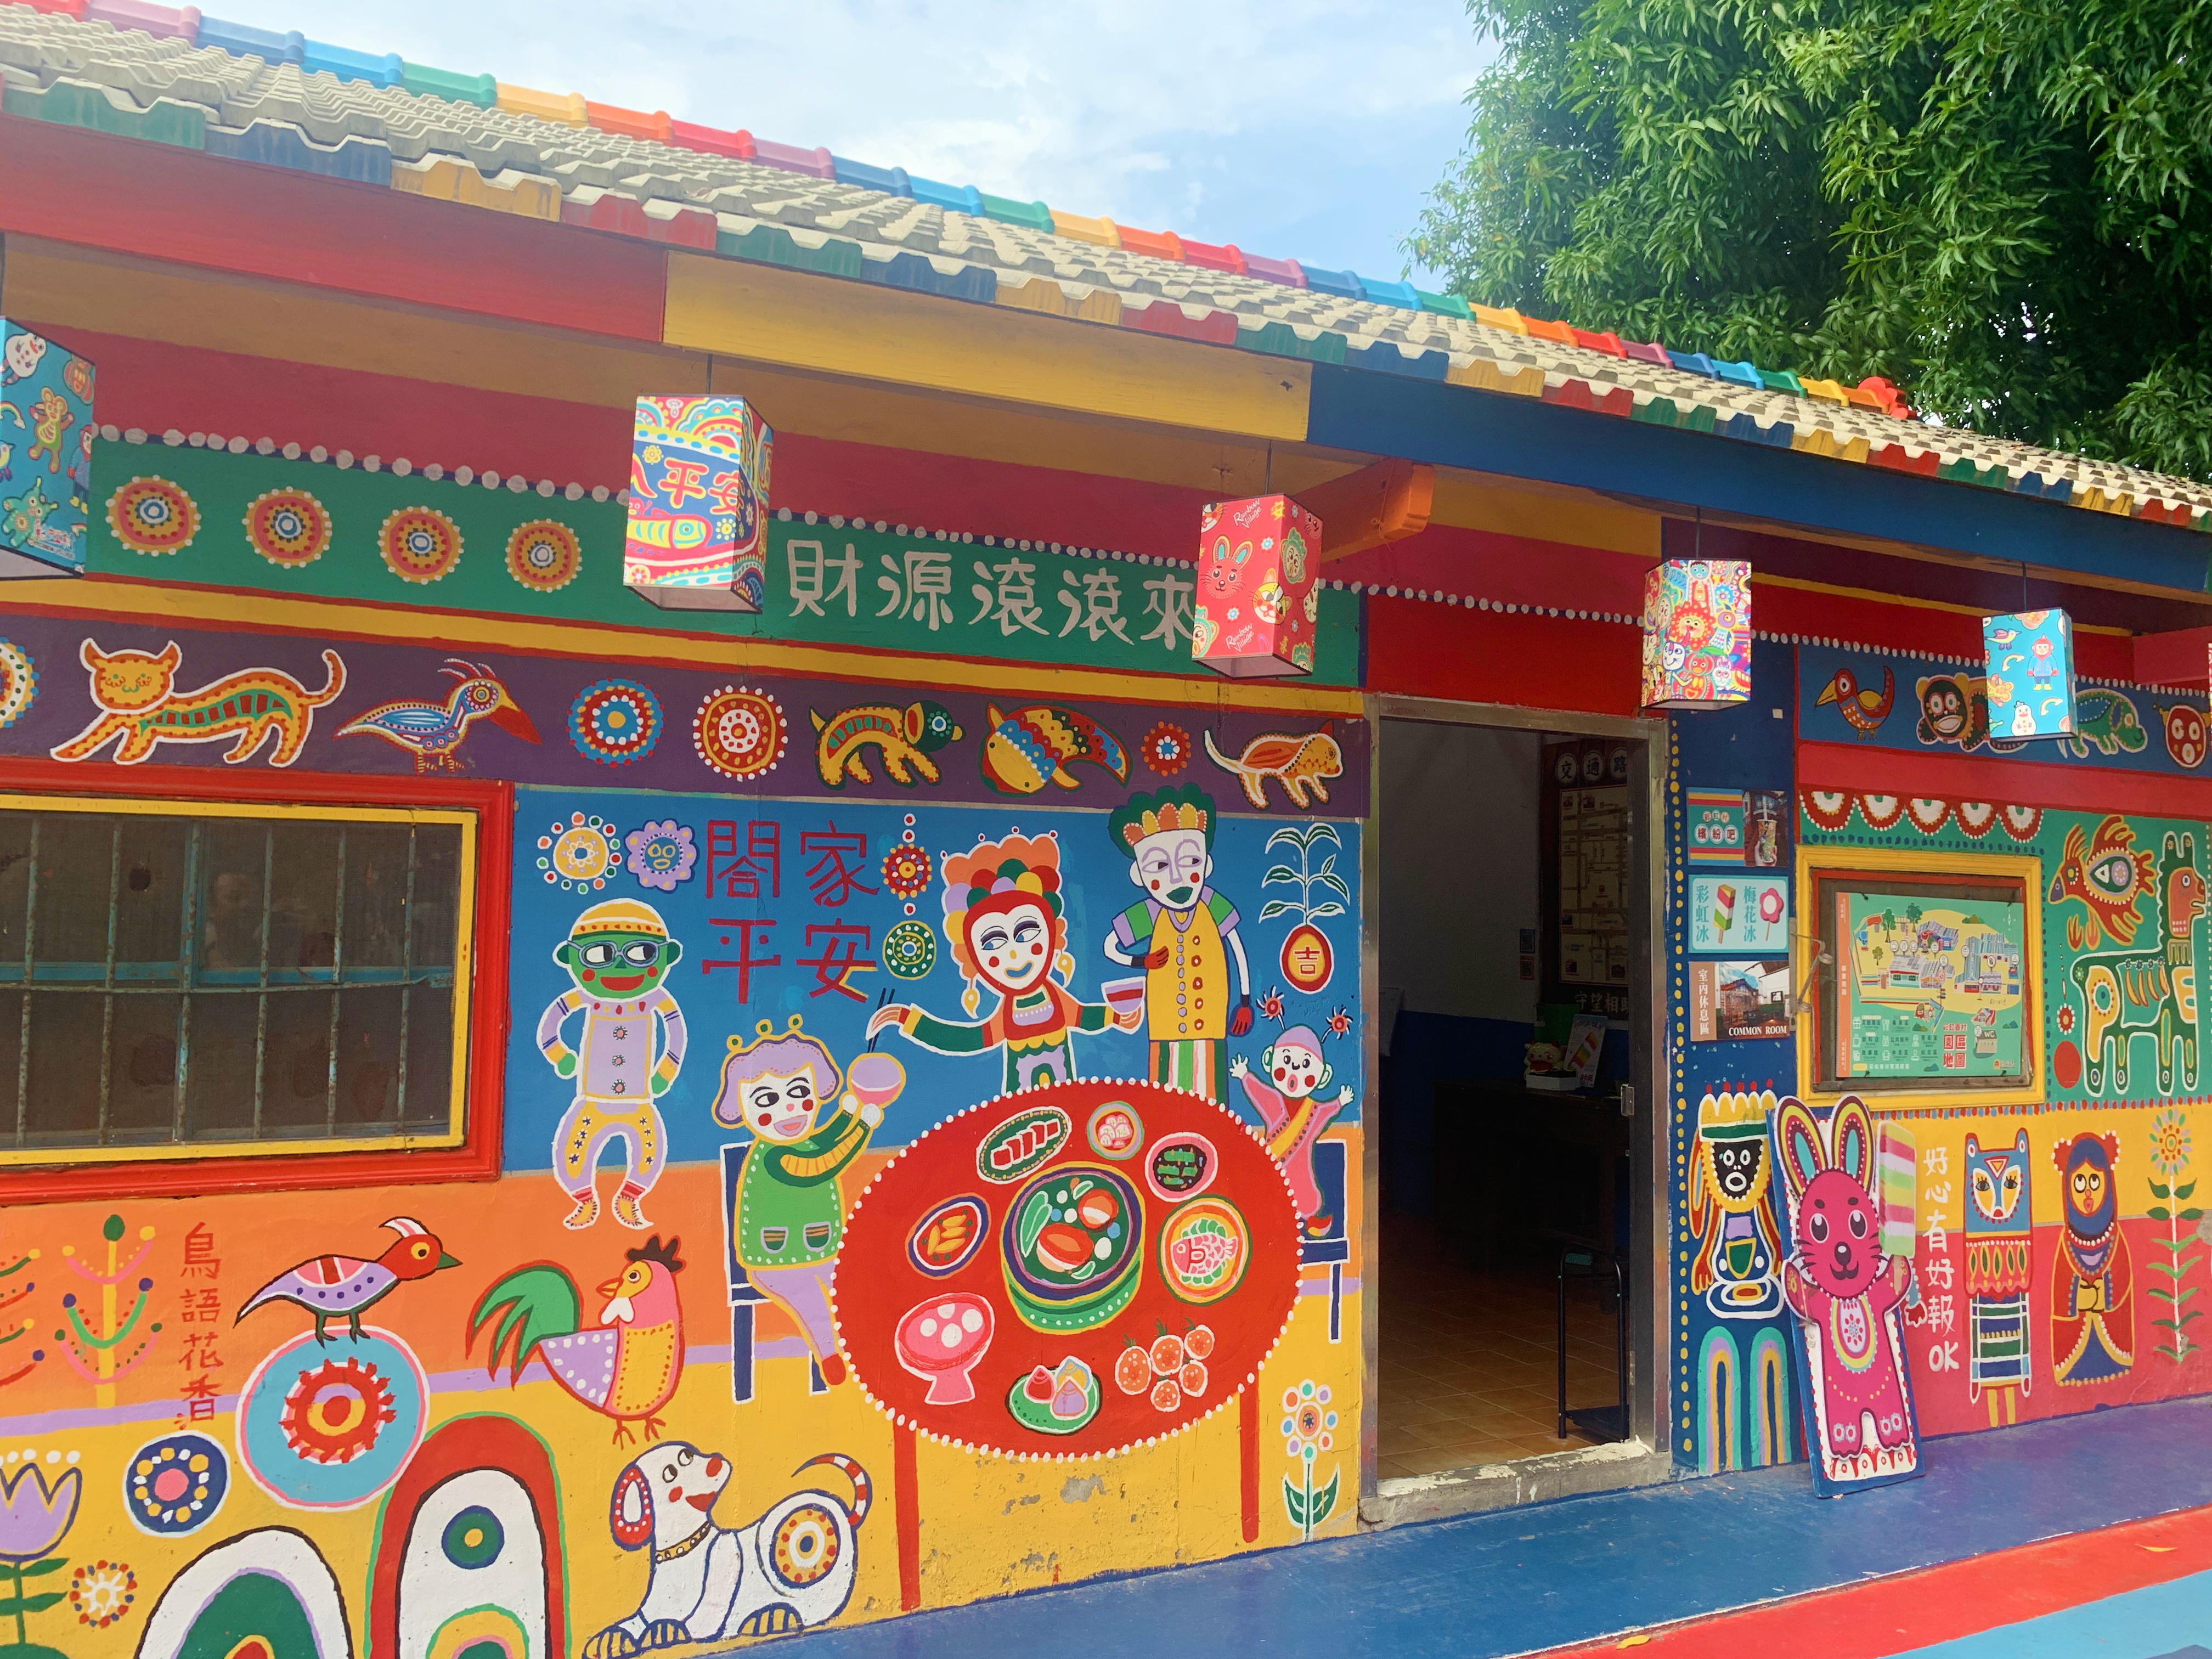 彩虹眷村的飲冰室